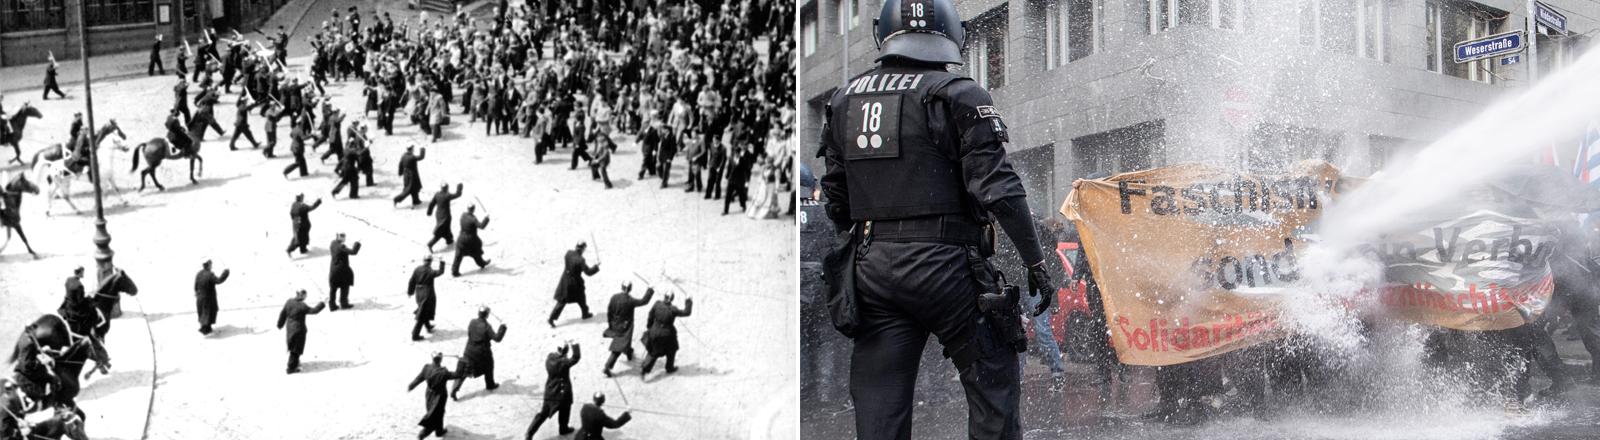 Die Polizei geht gegen Demonstrierende vor, einmal in der Weimarer Republik 2019 in Berlin, eimal mit Wasserwerfern bei einer Gegendemonstration.